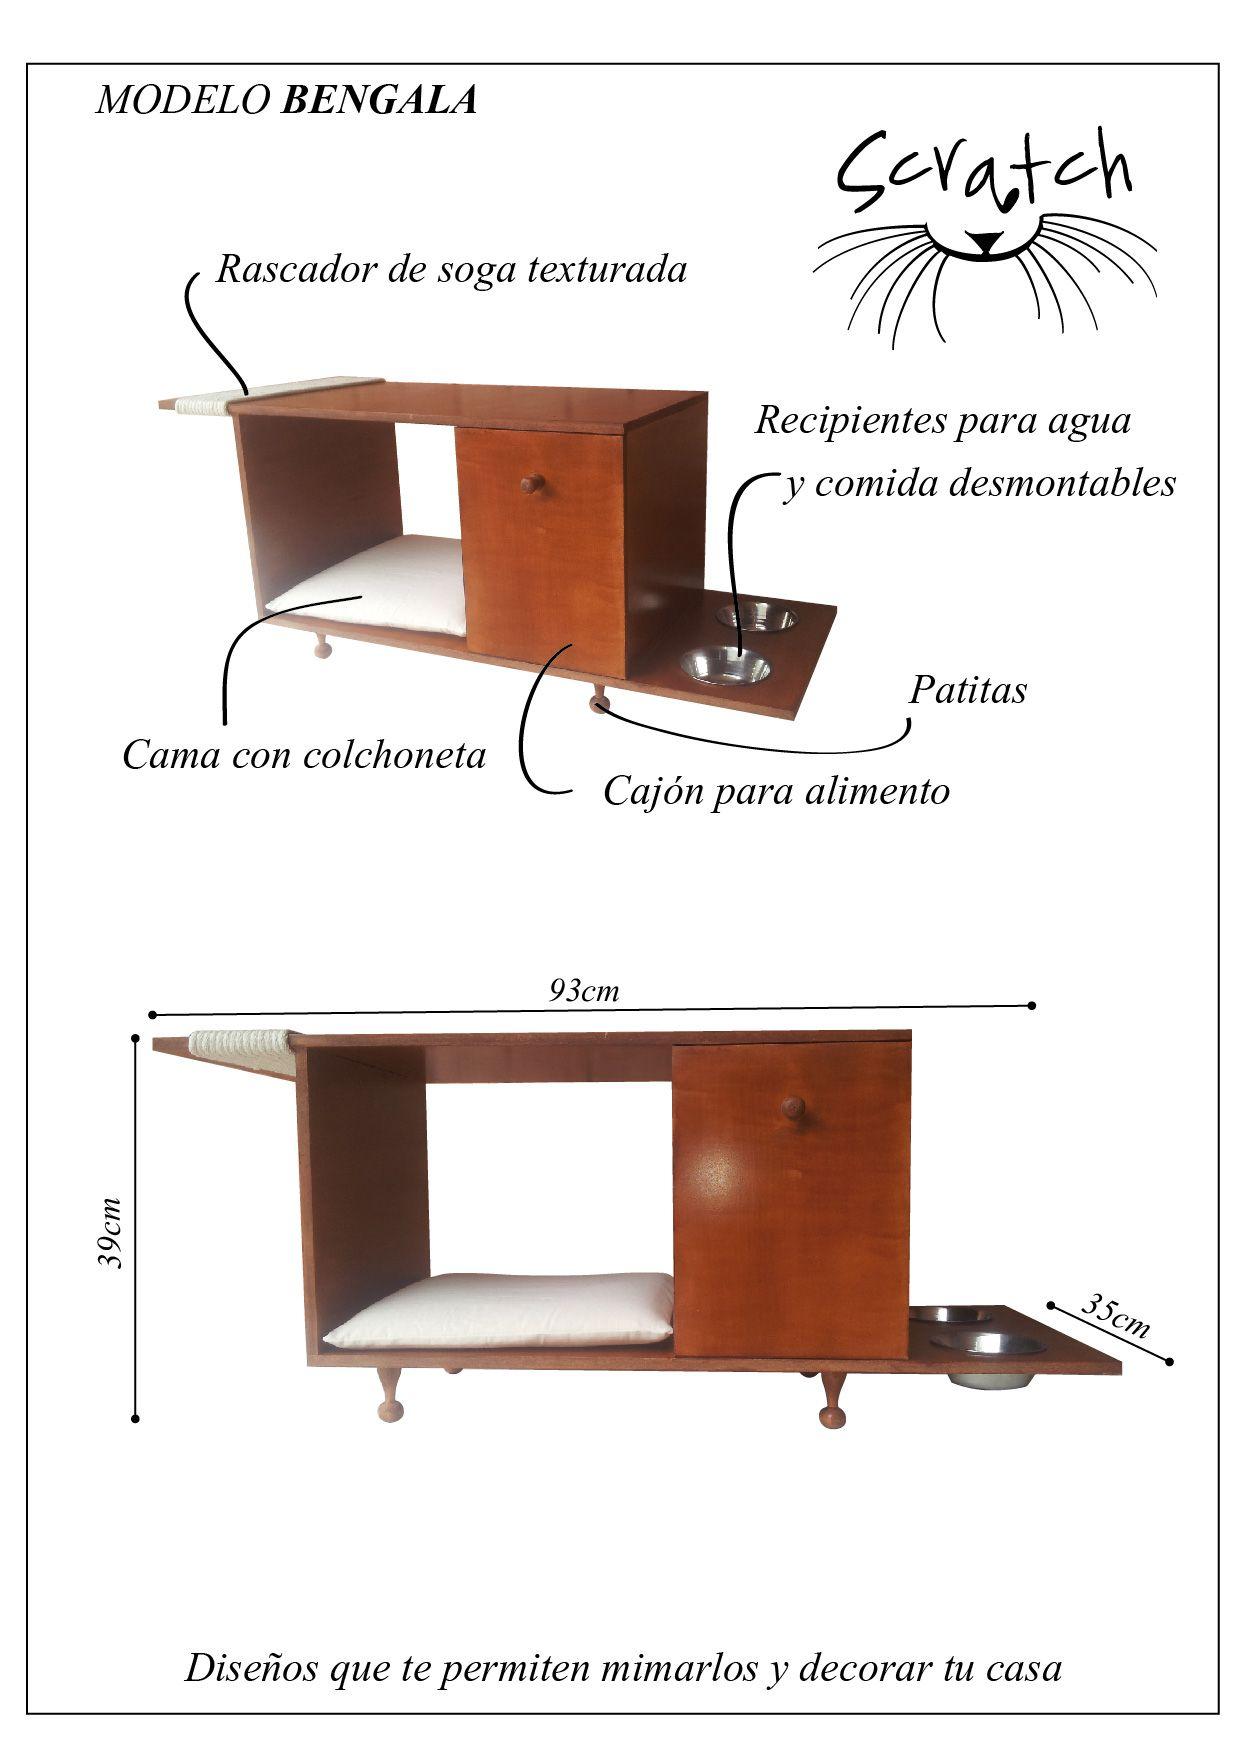 Mueble Para Gatos Modelo Bengala Todo En Uno Dise O Para  # Muebles Todo En Uno